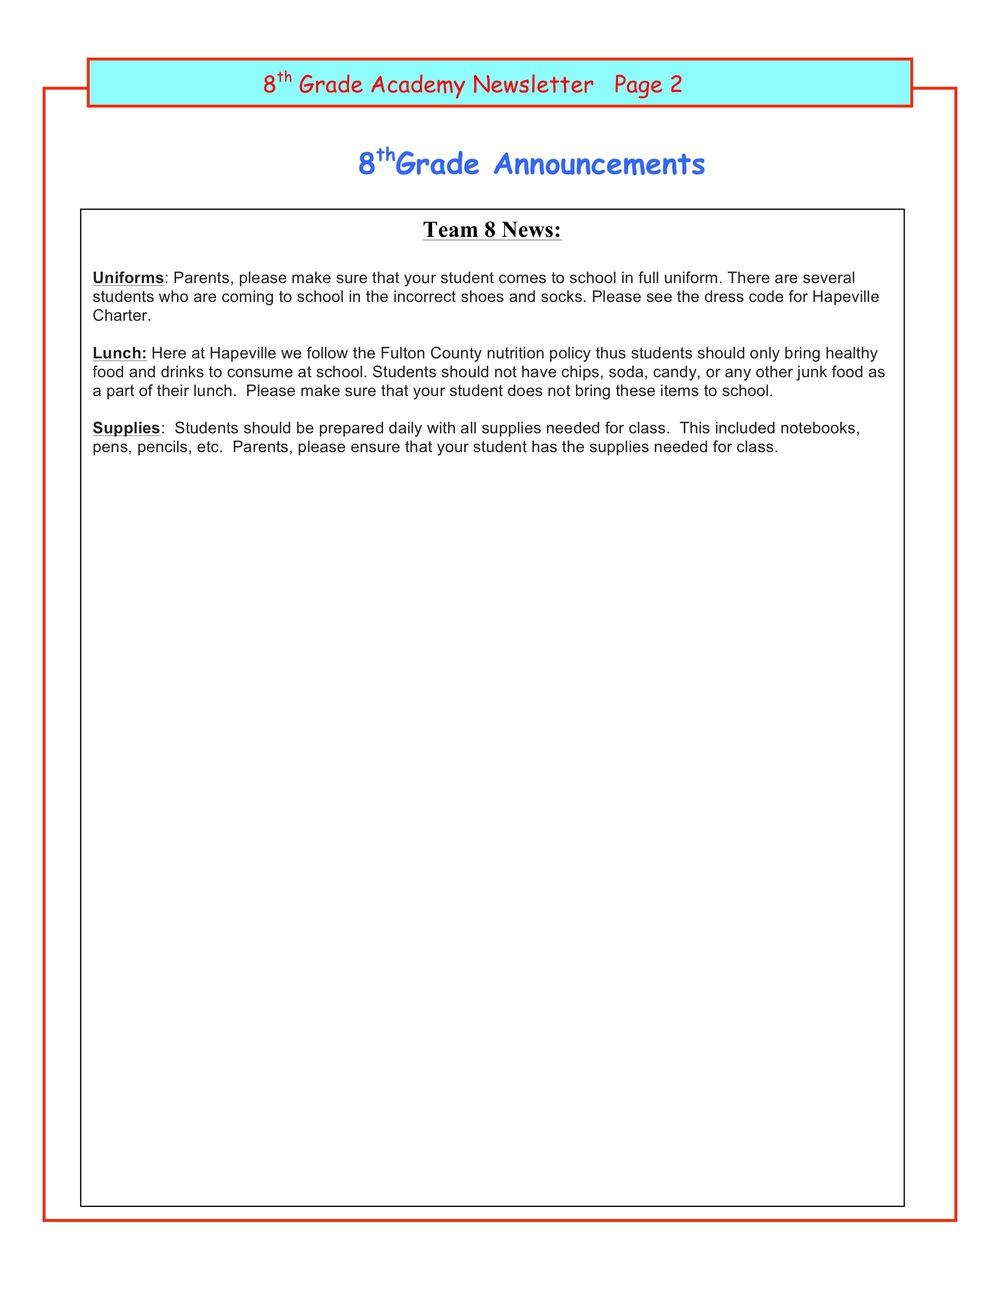 Newsletter Image8th grade September 29 2.jpeg